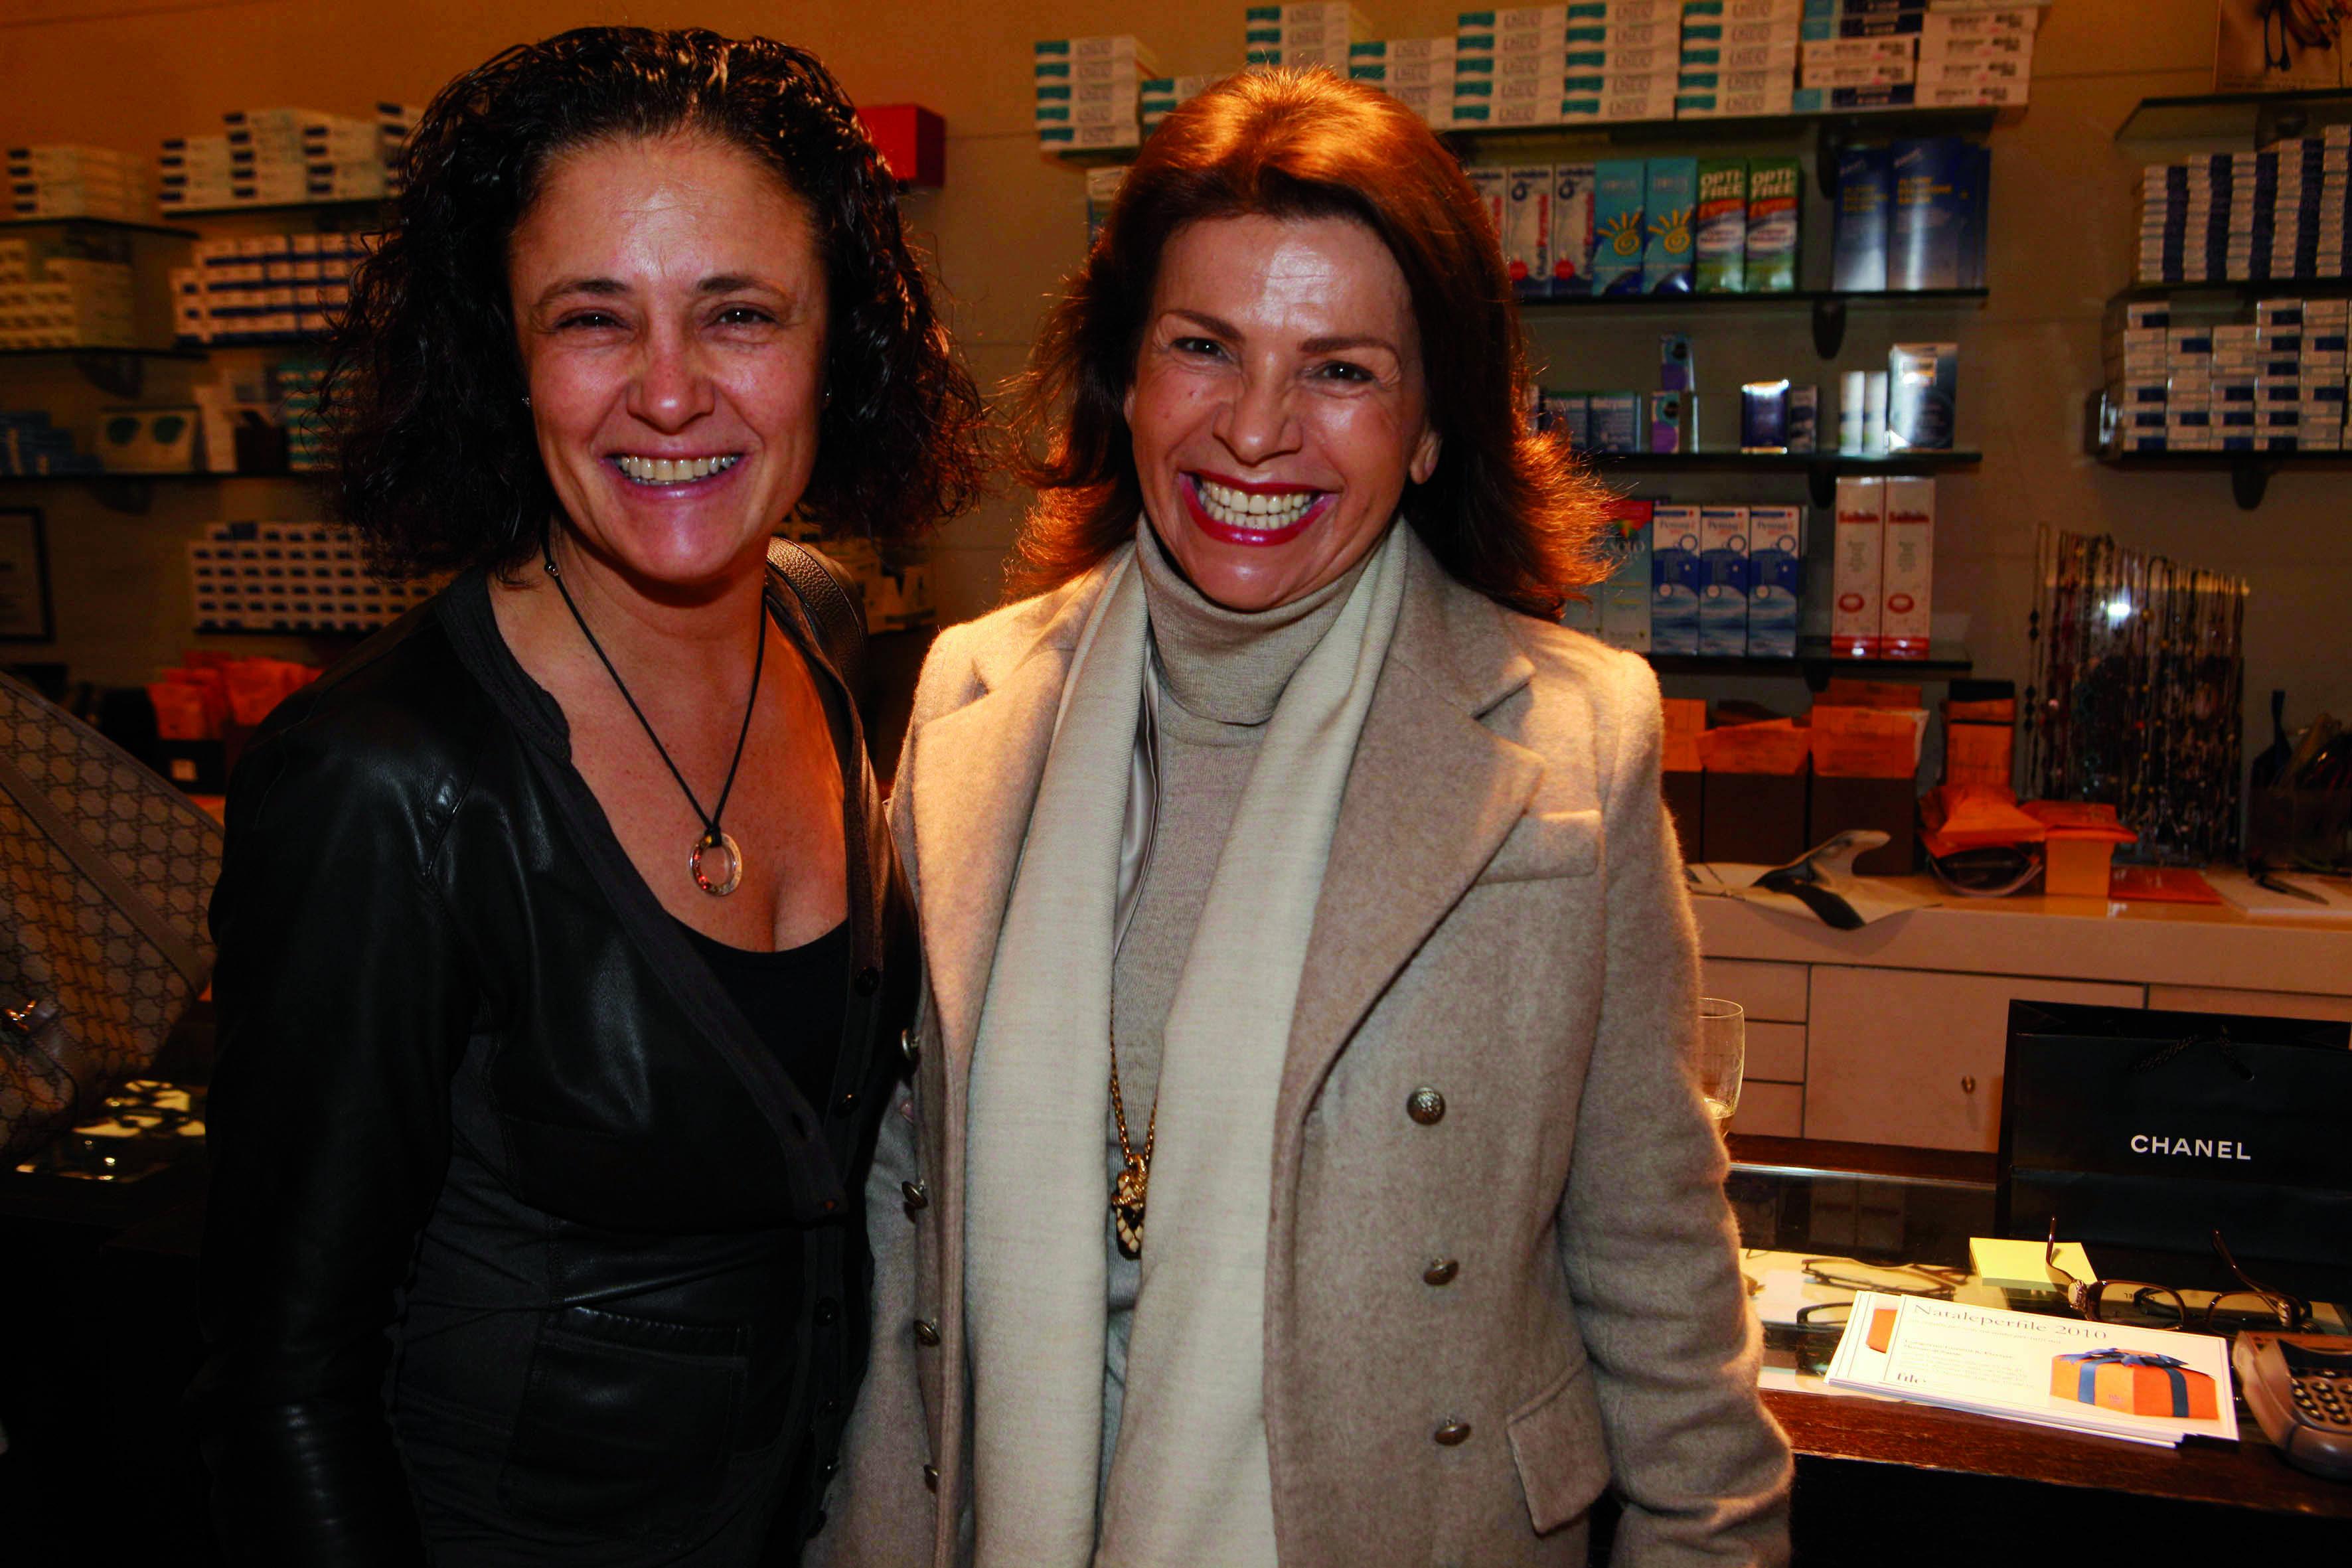 Marina Scattini, Annamaria Civita pressphoto-Firenze Magazine  presentazione collezzione occhiali Chanel all'ottica Fontani